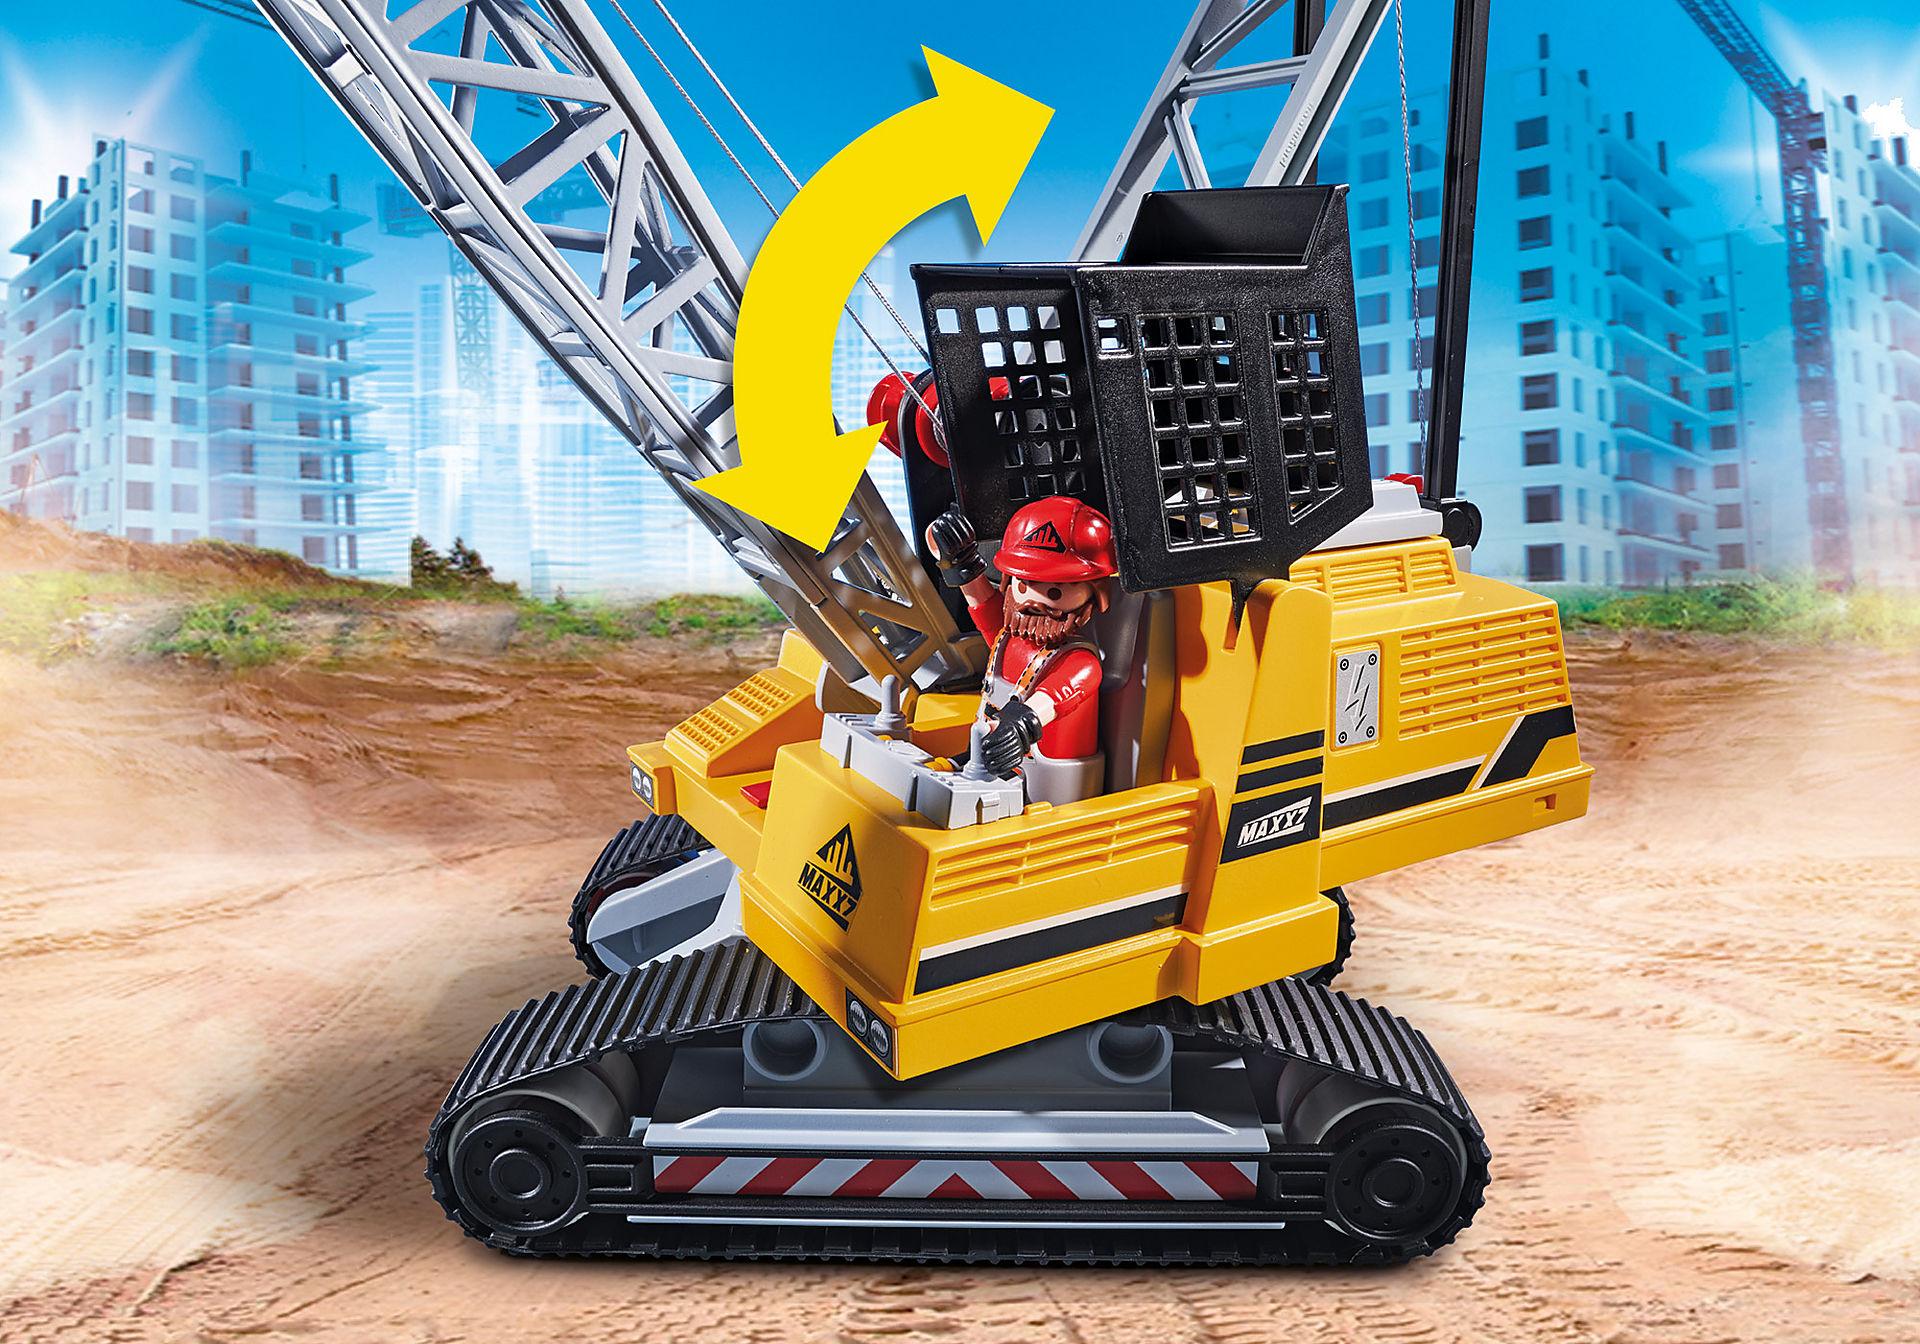 70442 Escavadora Caterpillar zoom image6